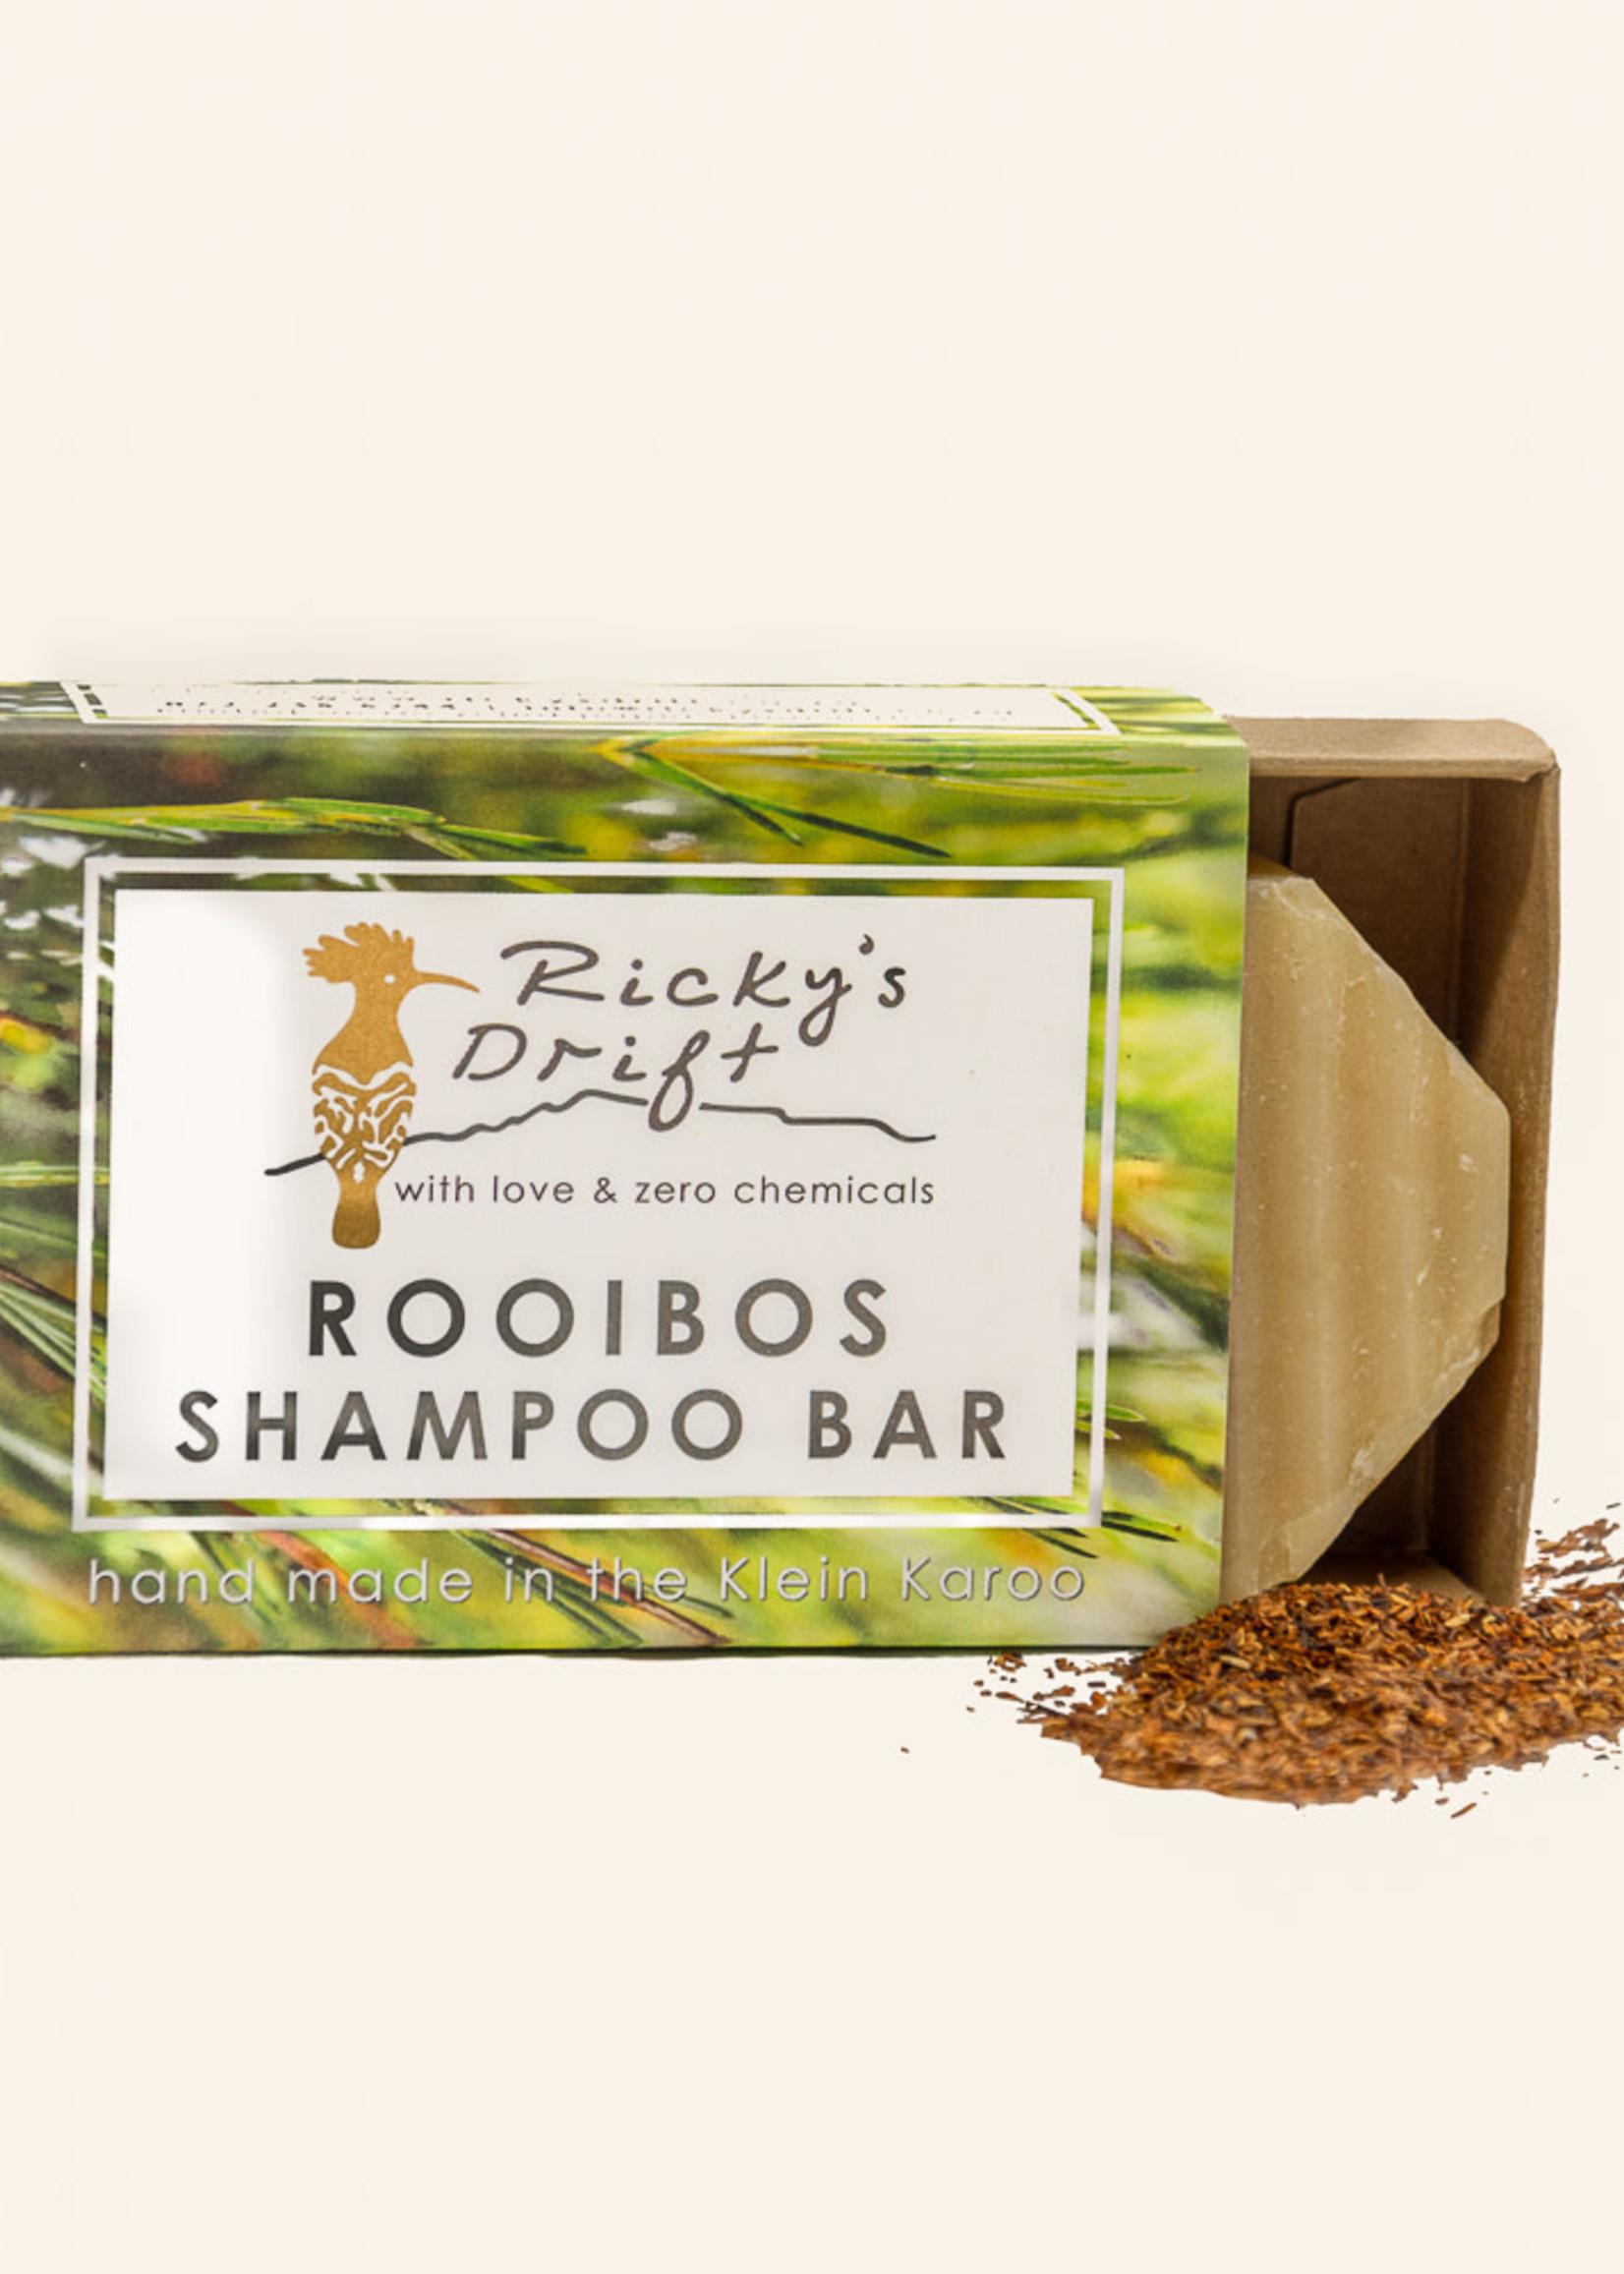 Ricky's Drift - Shampoo bar Rooibos